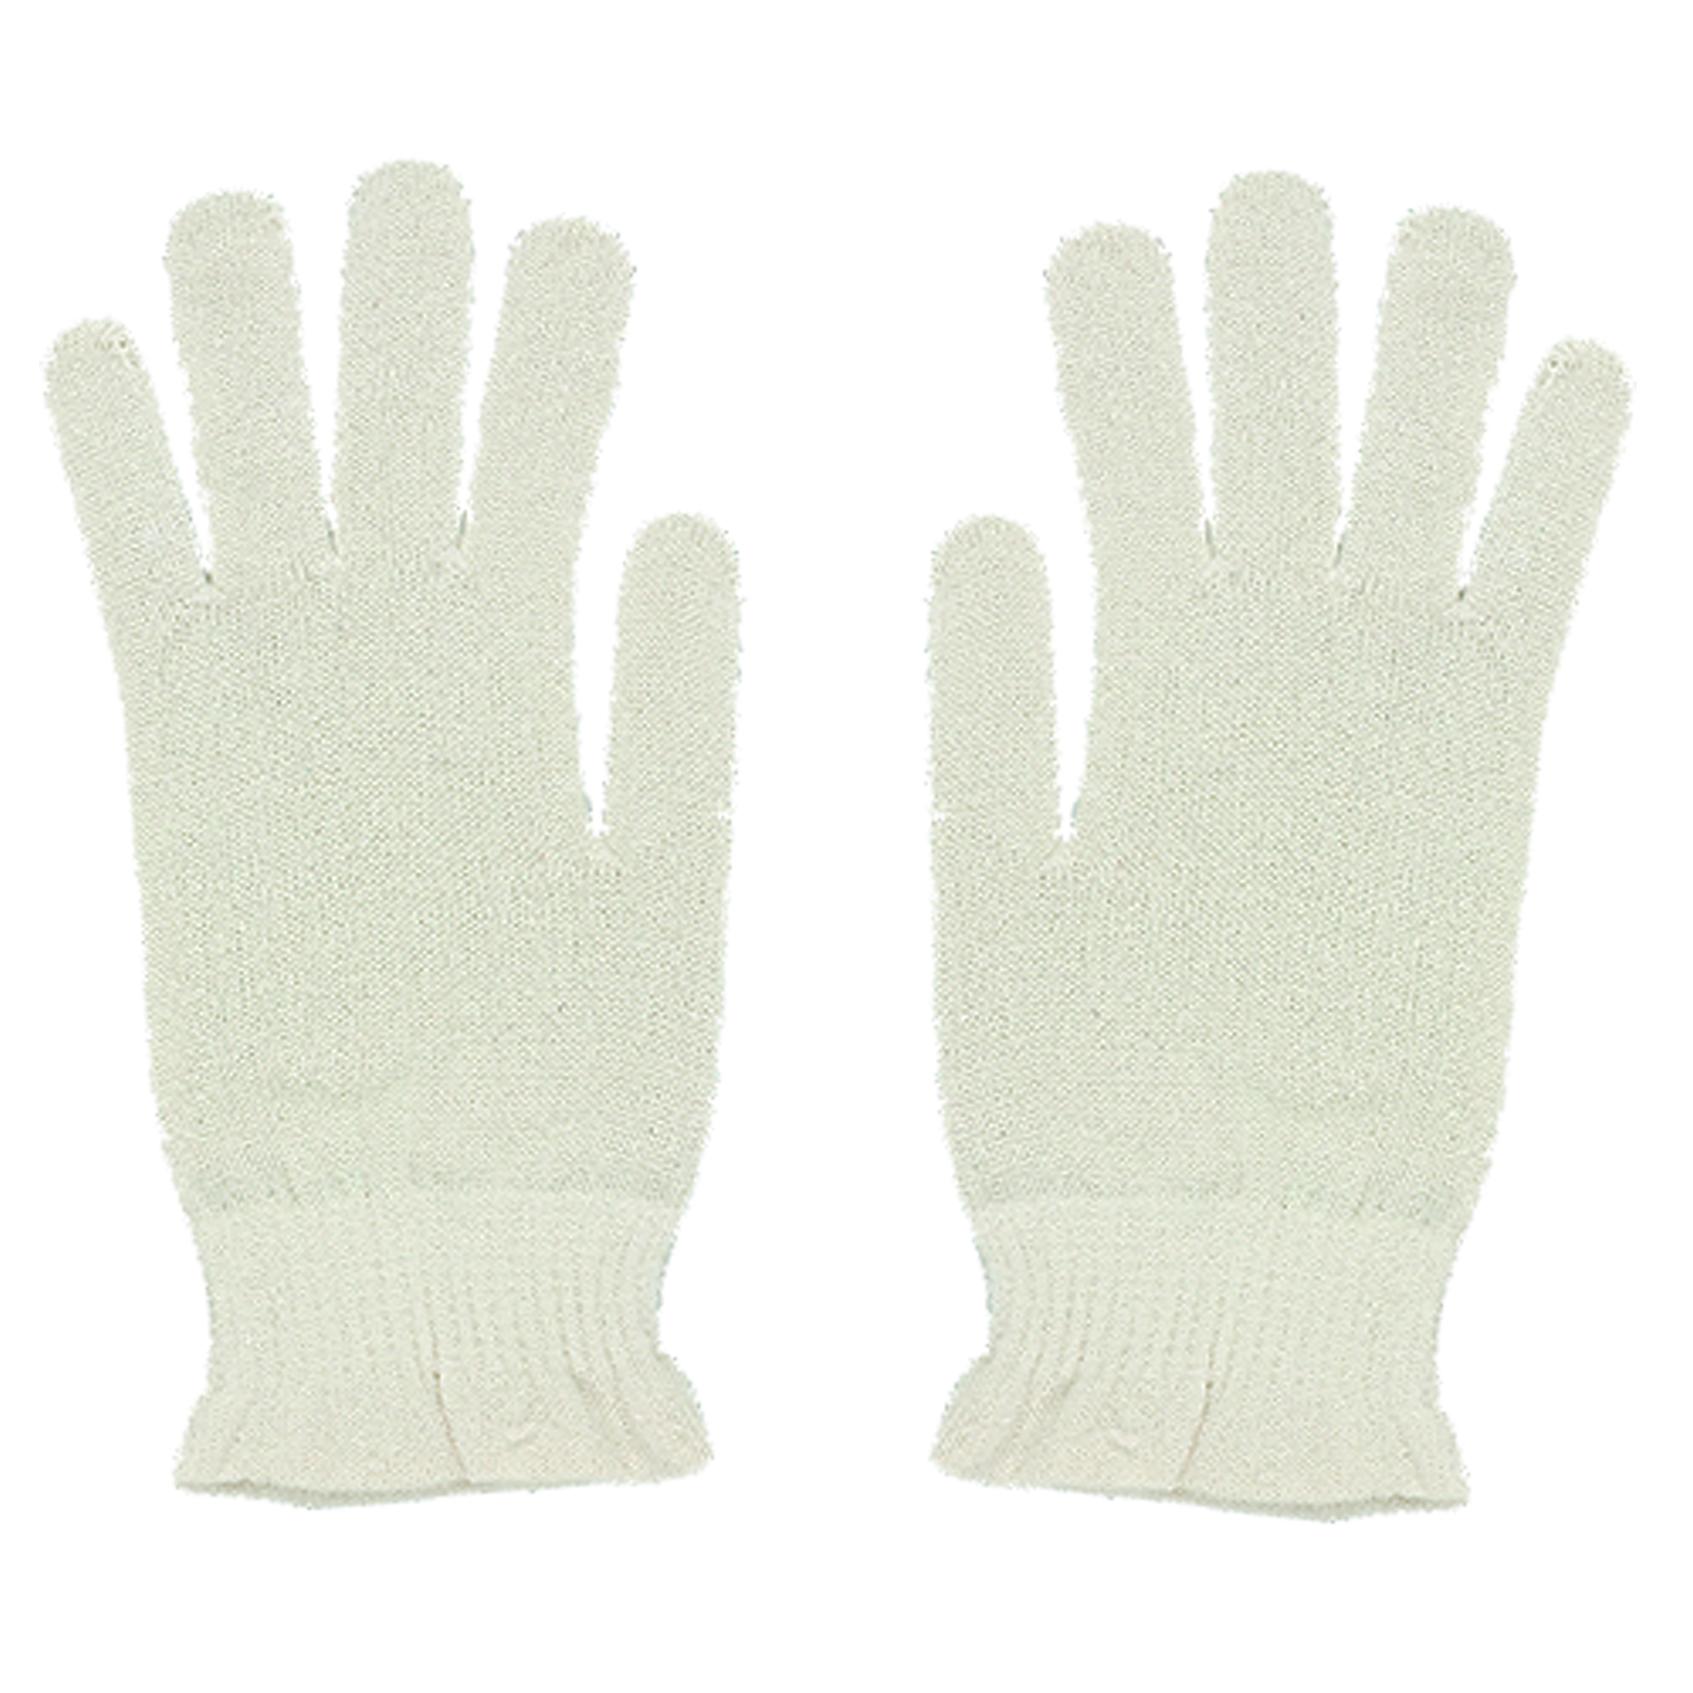 シルク おやすみ手袋 オフホワイト